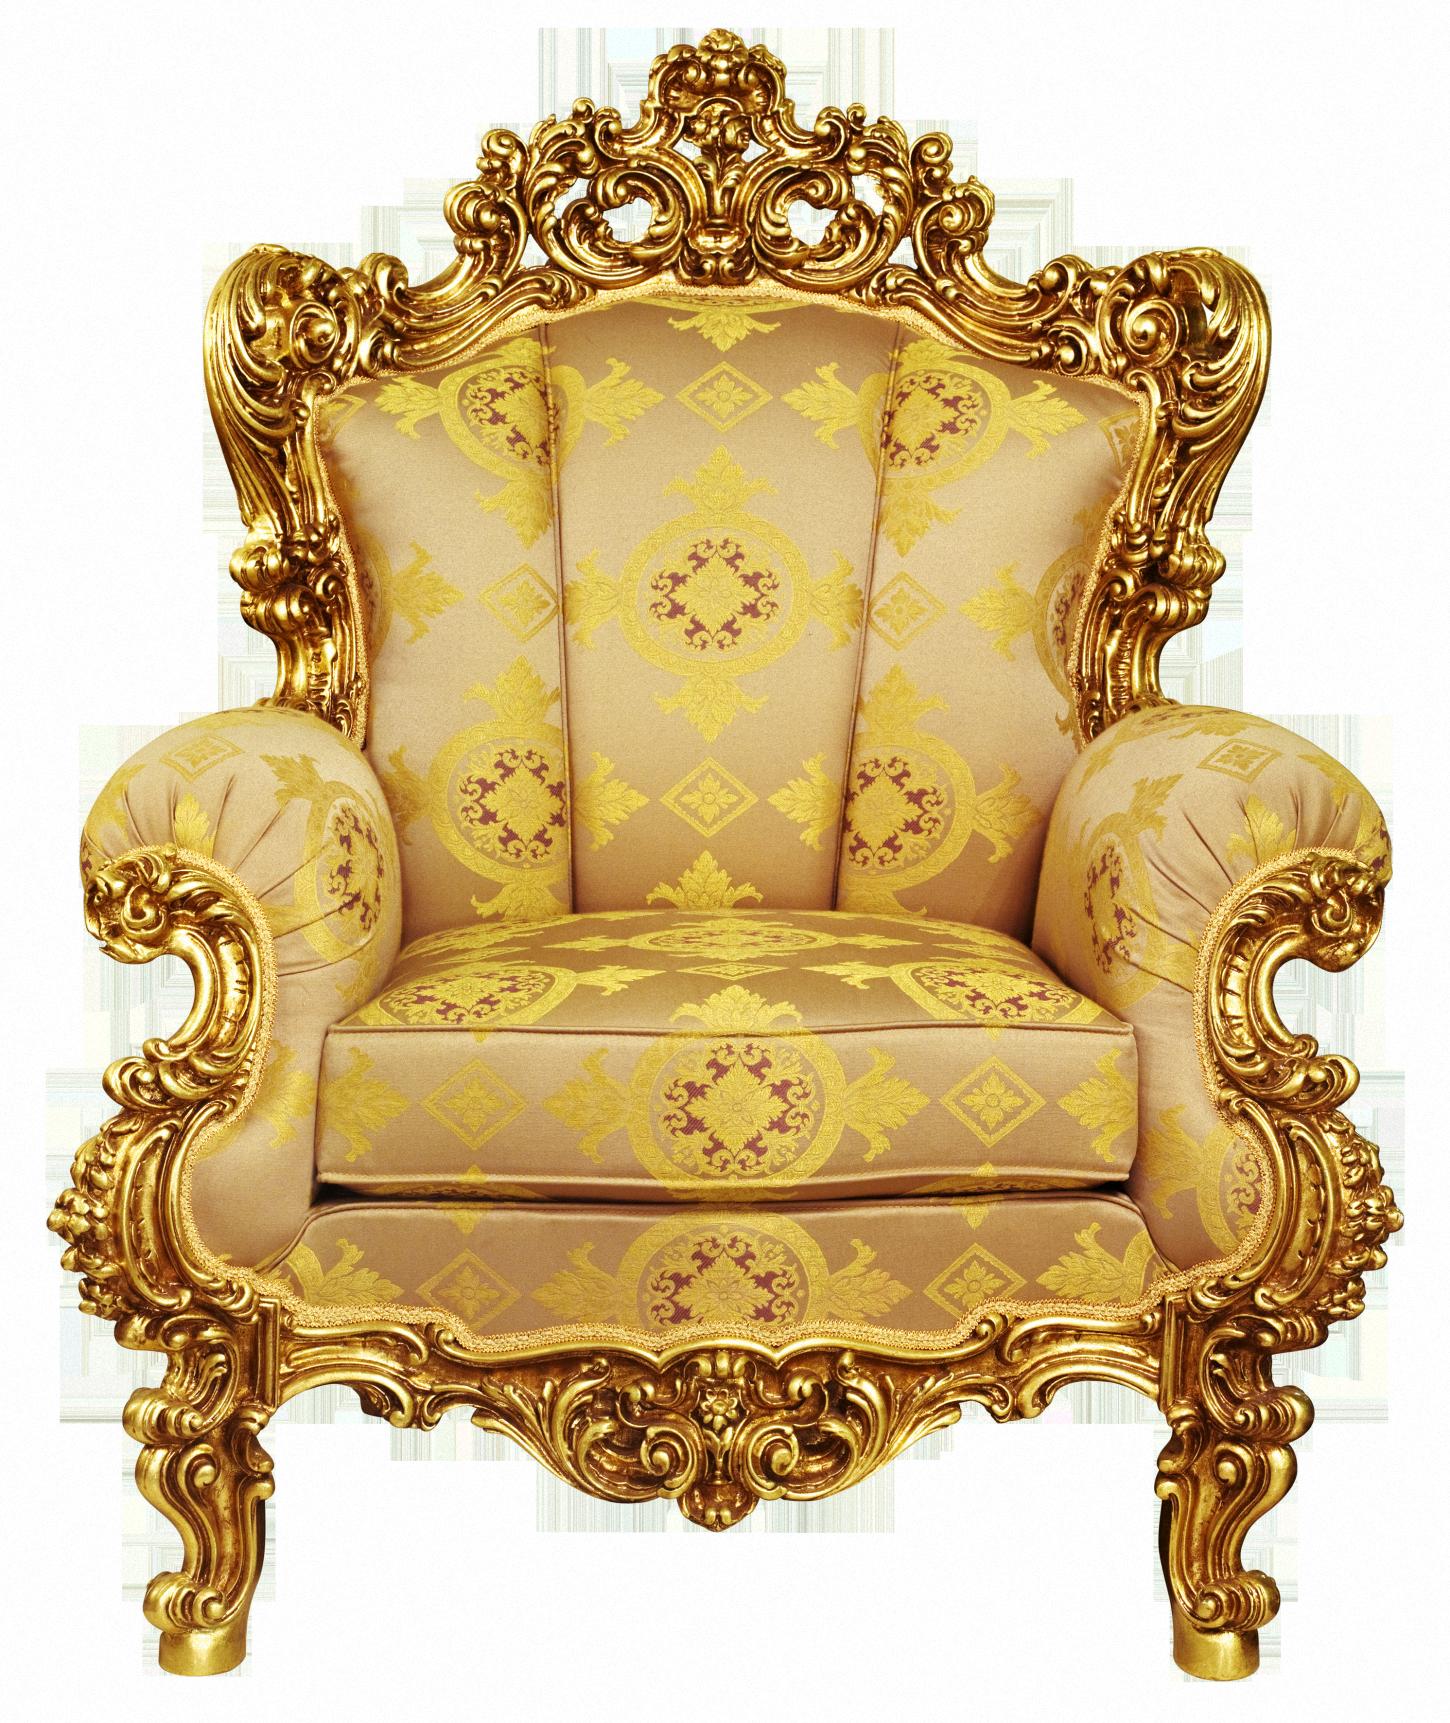 Tubes fauteuils en png moroccan - Fauteuil polycarbonate transparent ...